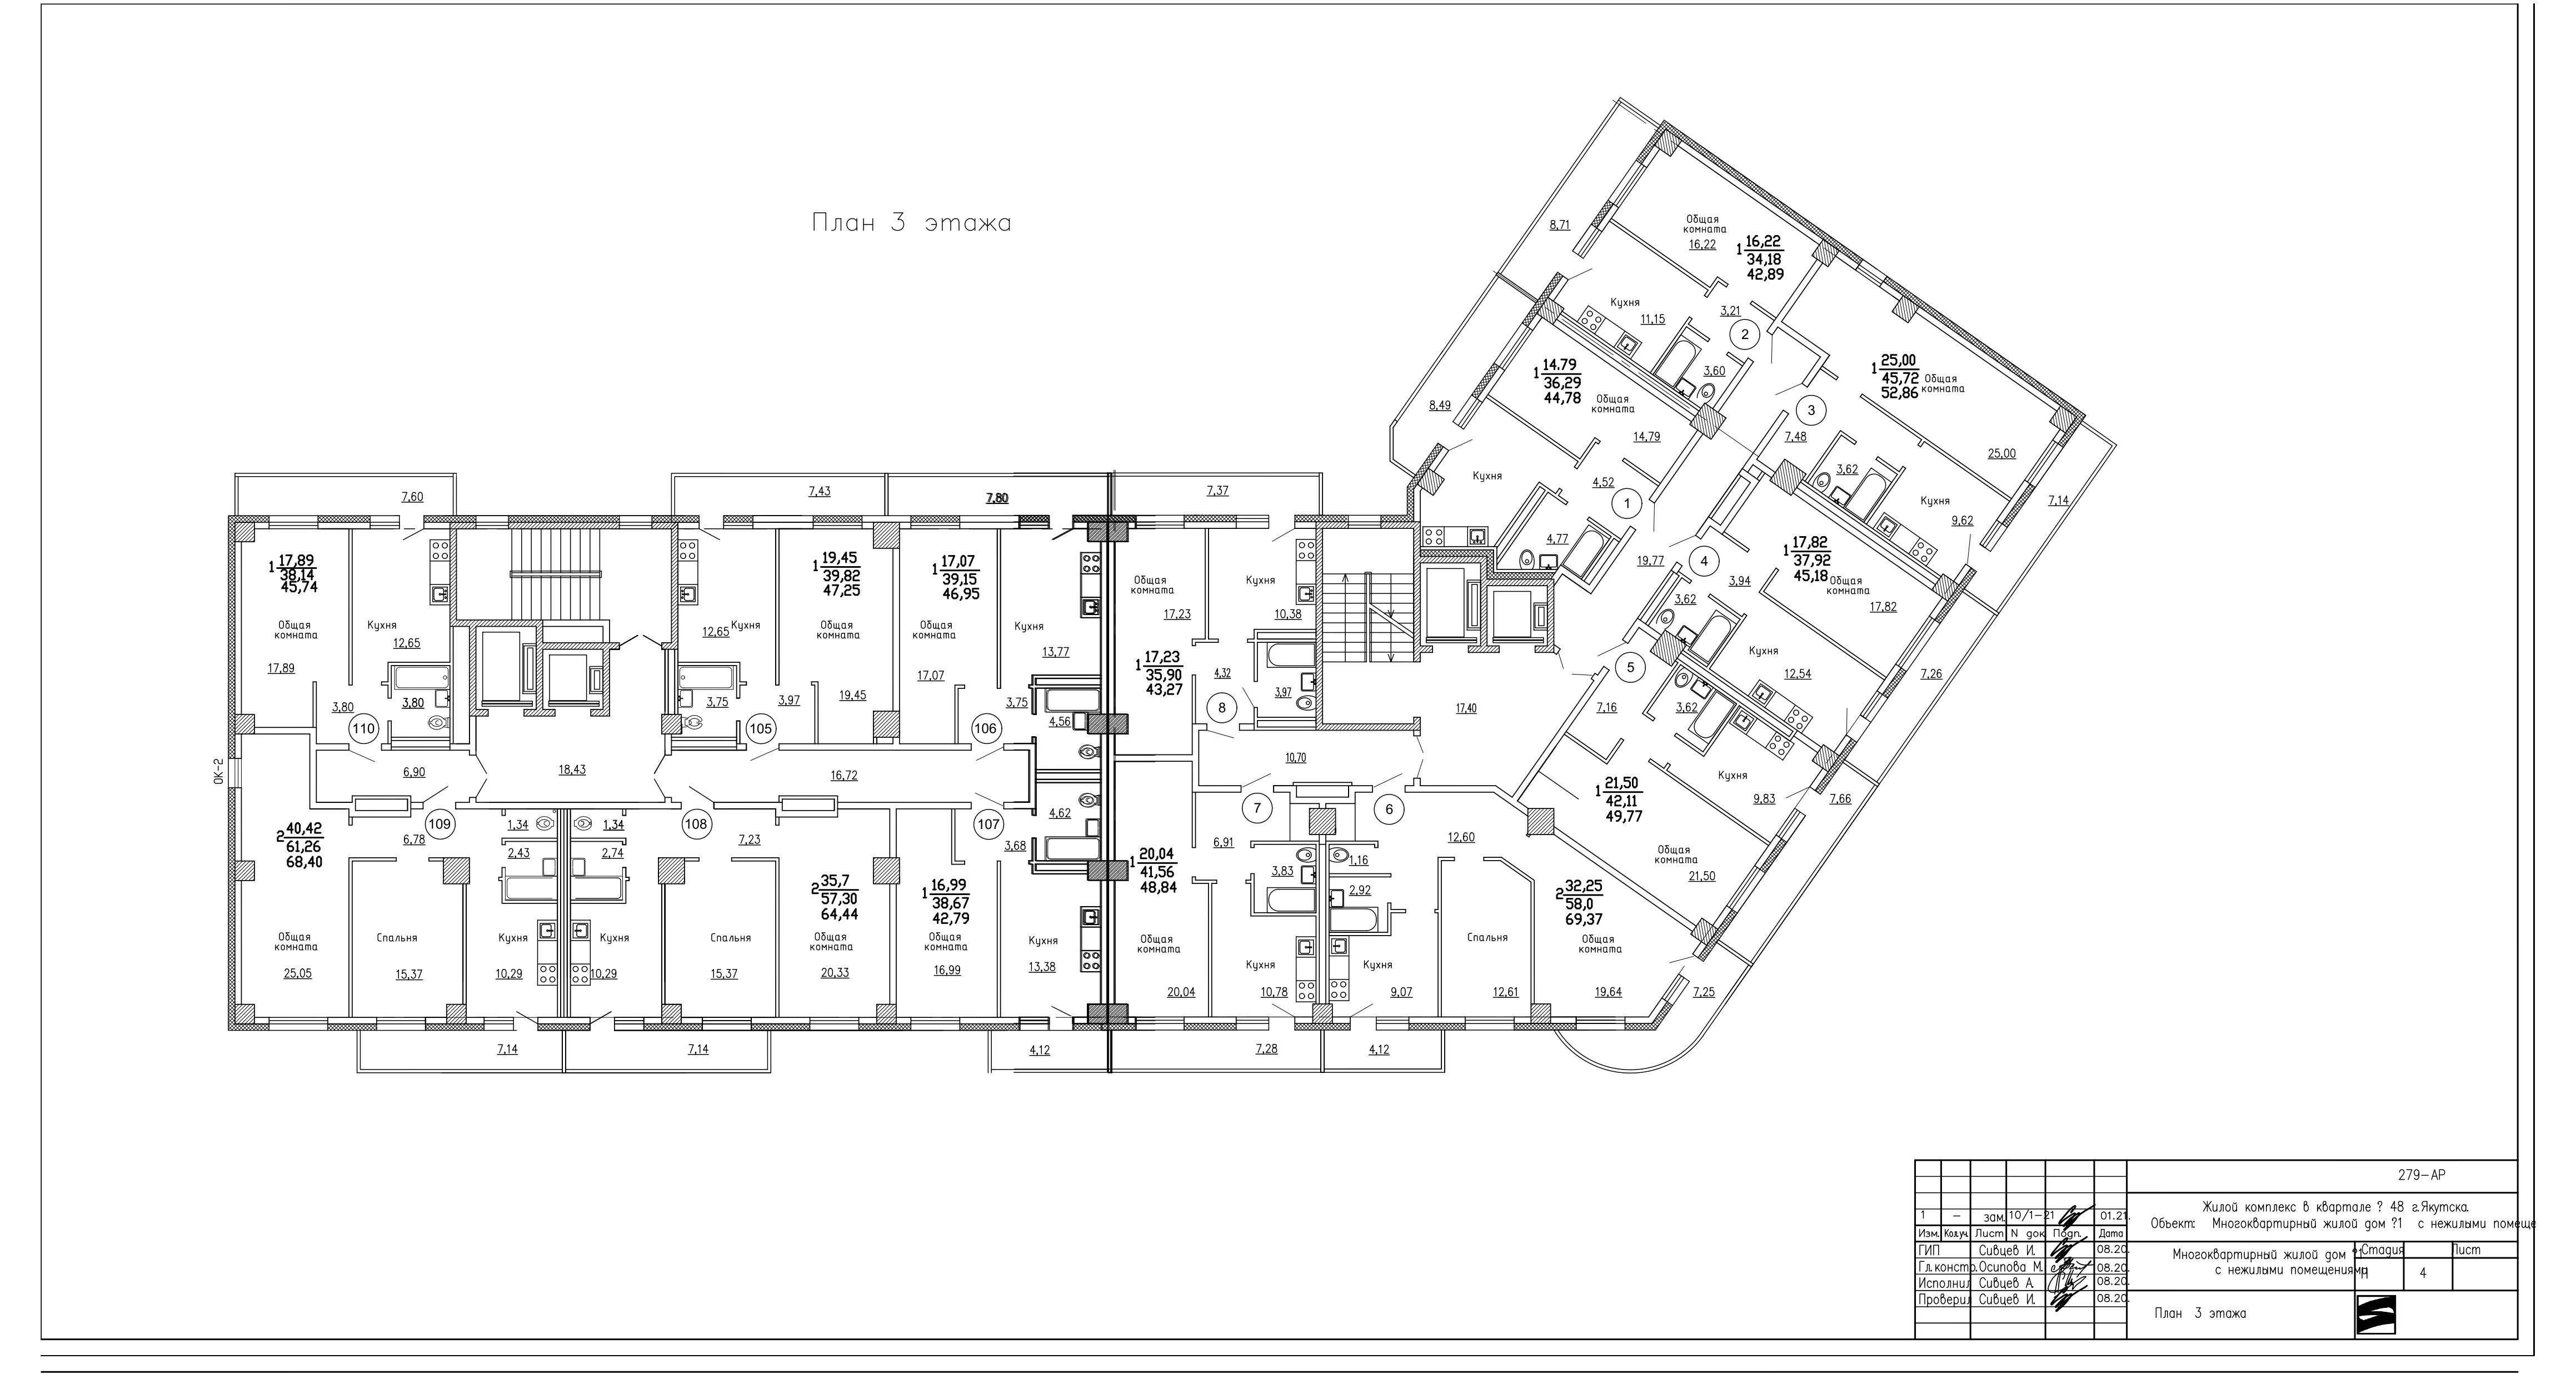 3 этаж_page-0001